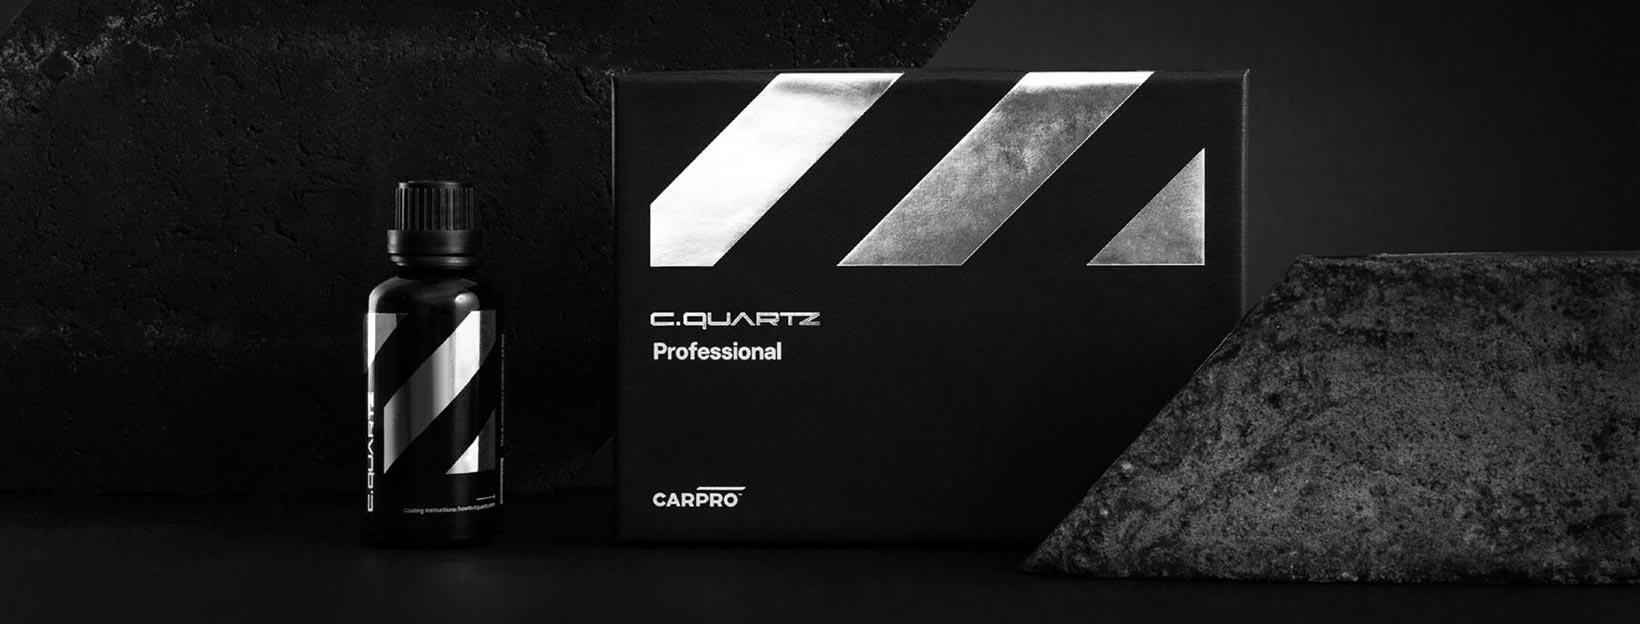 CQuartz Ceramic Professional